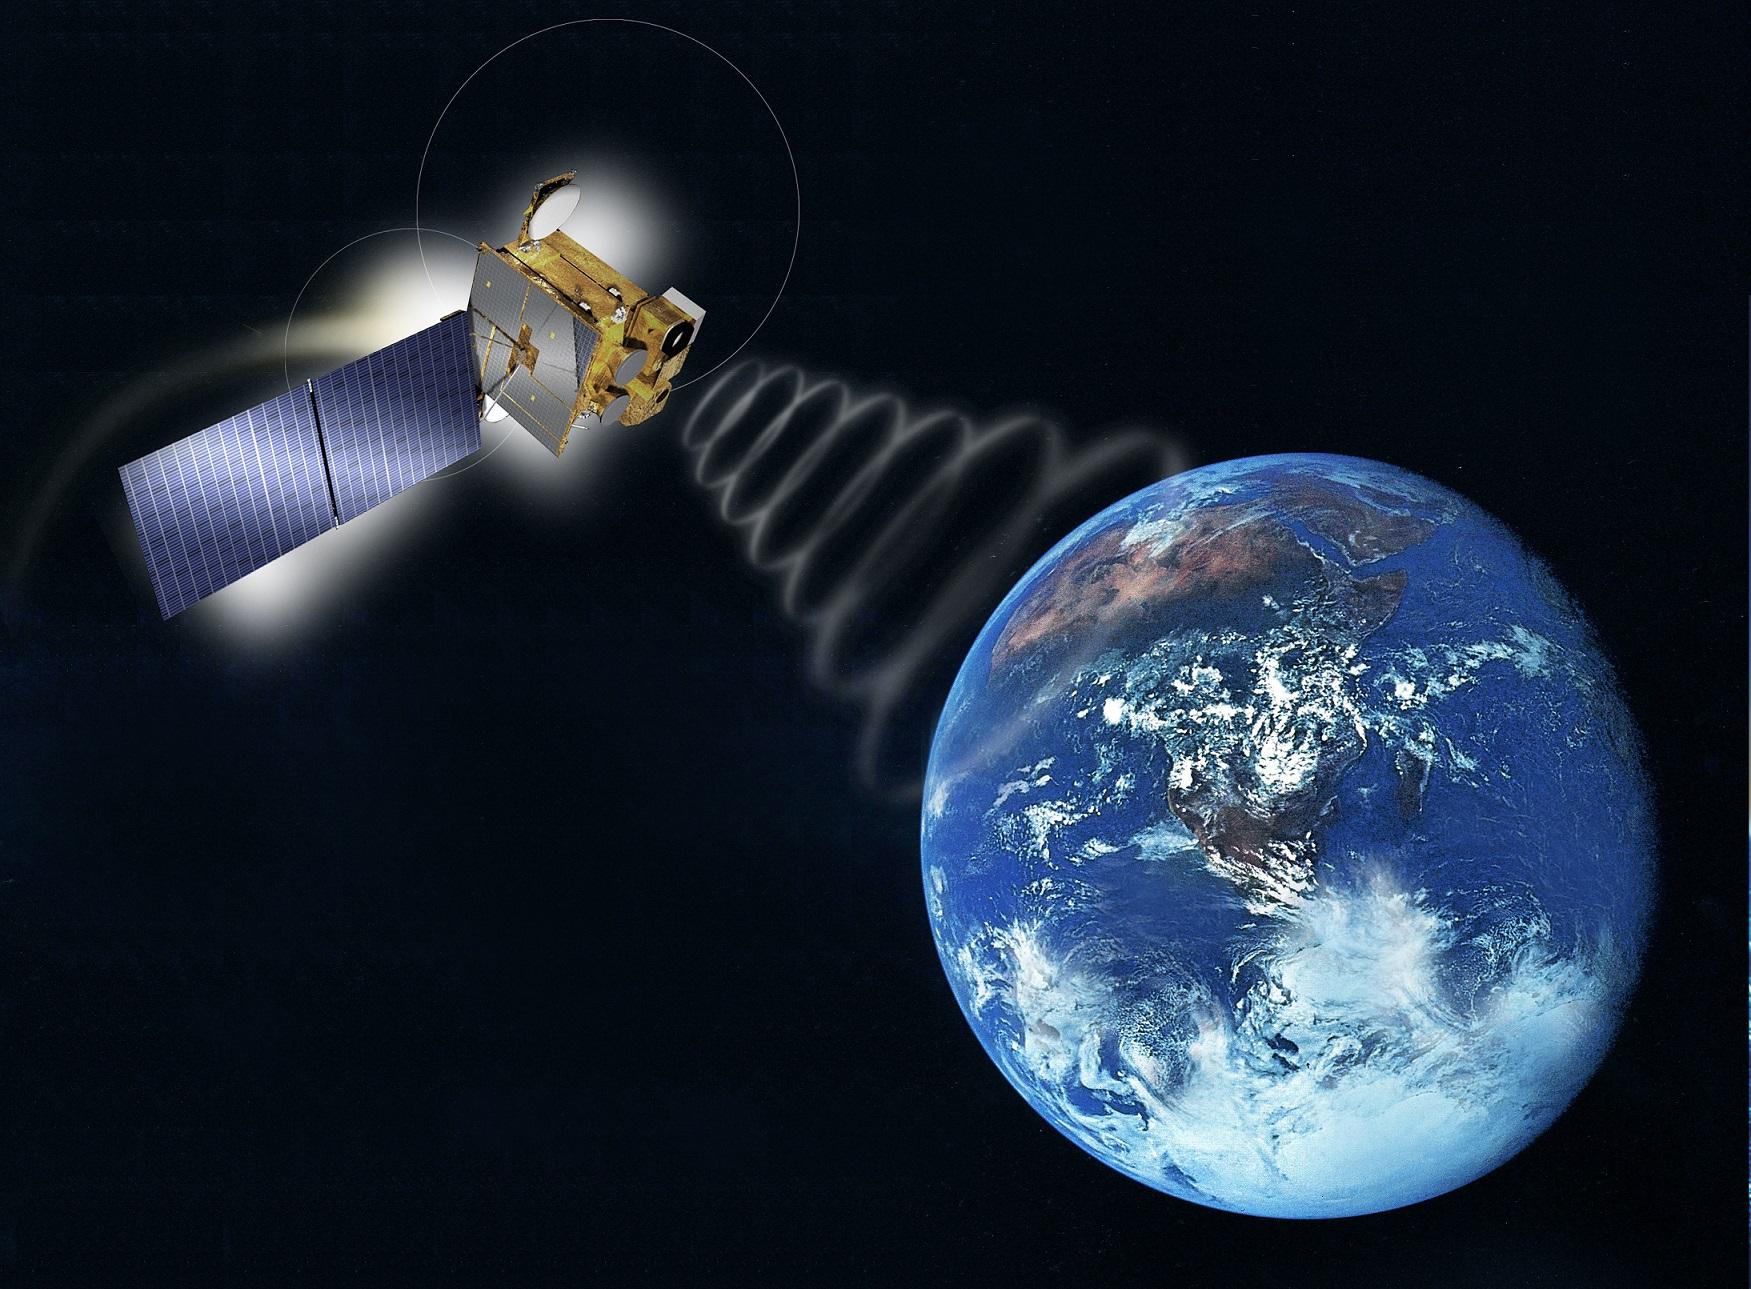 천리안위성의 통신 모습을 그린 상상도.